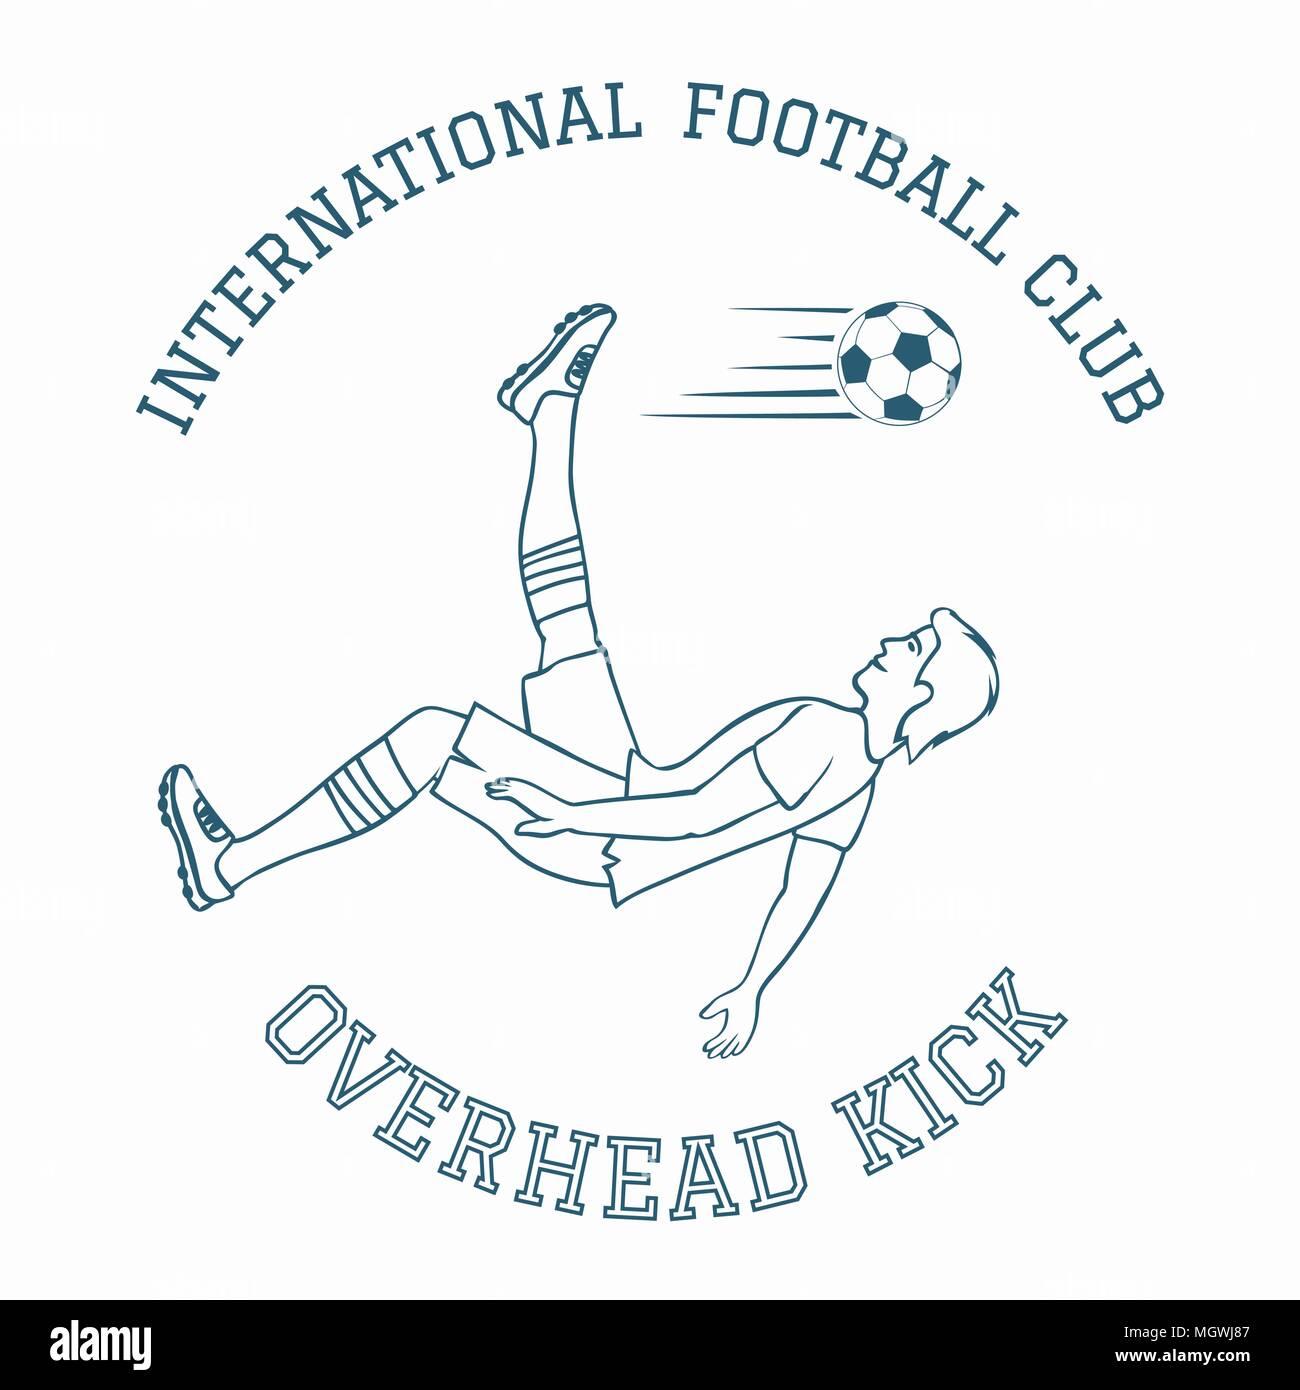 Emblem of soccer club. - Stock Vector